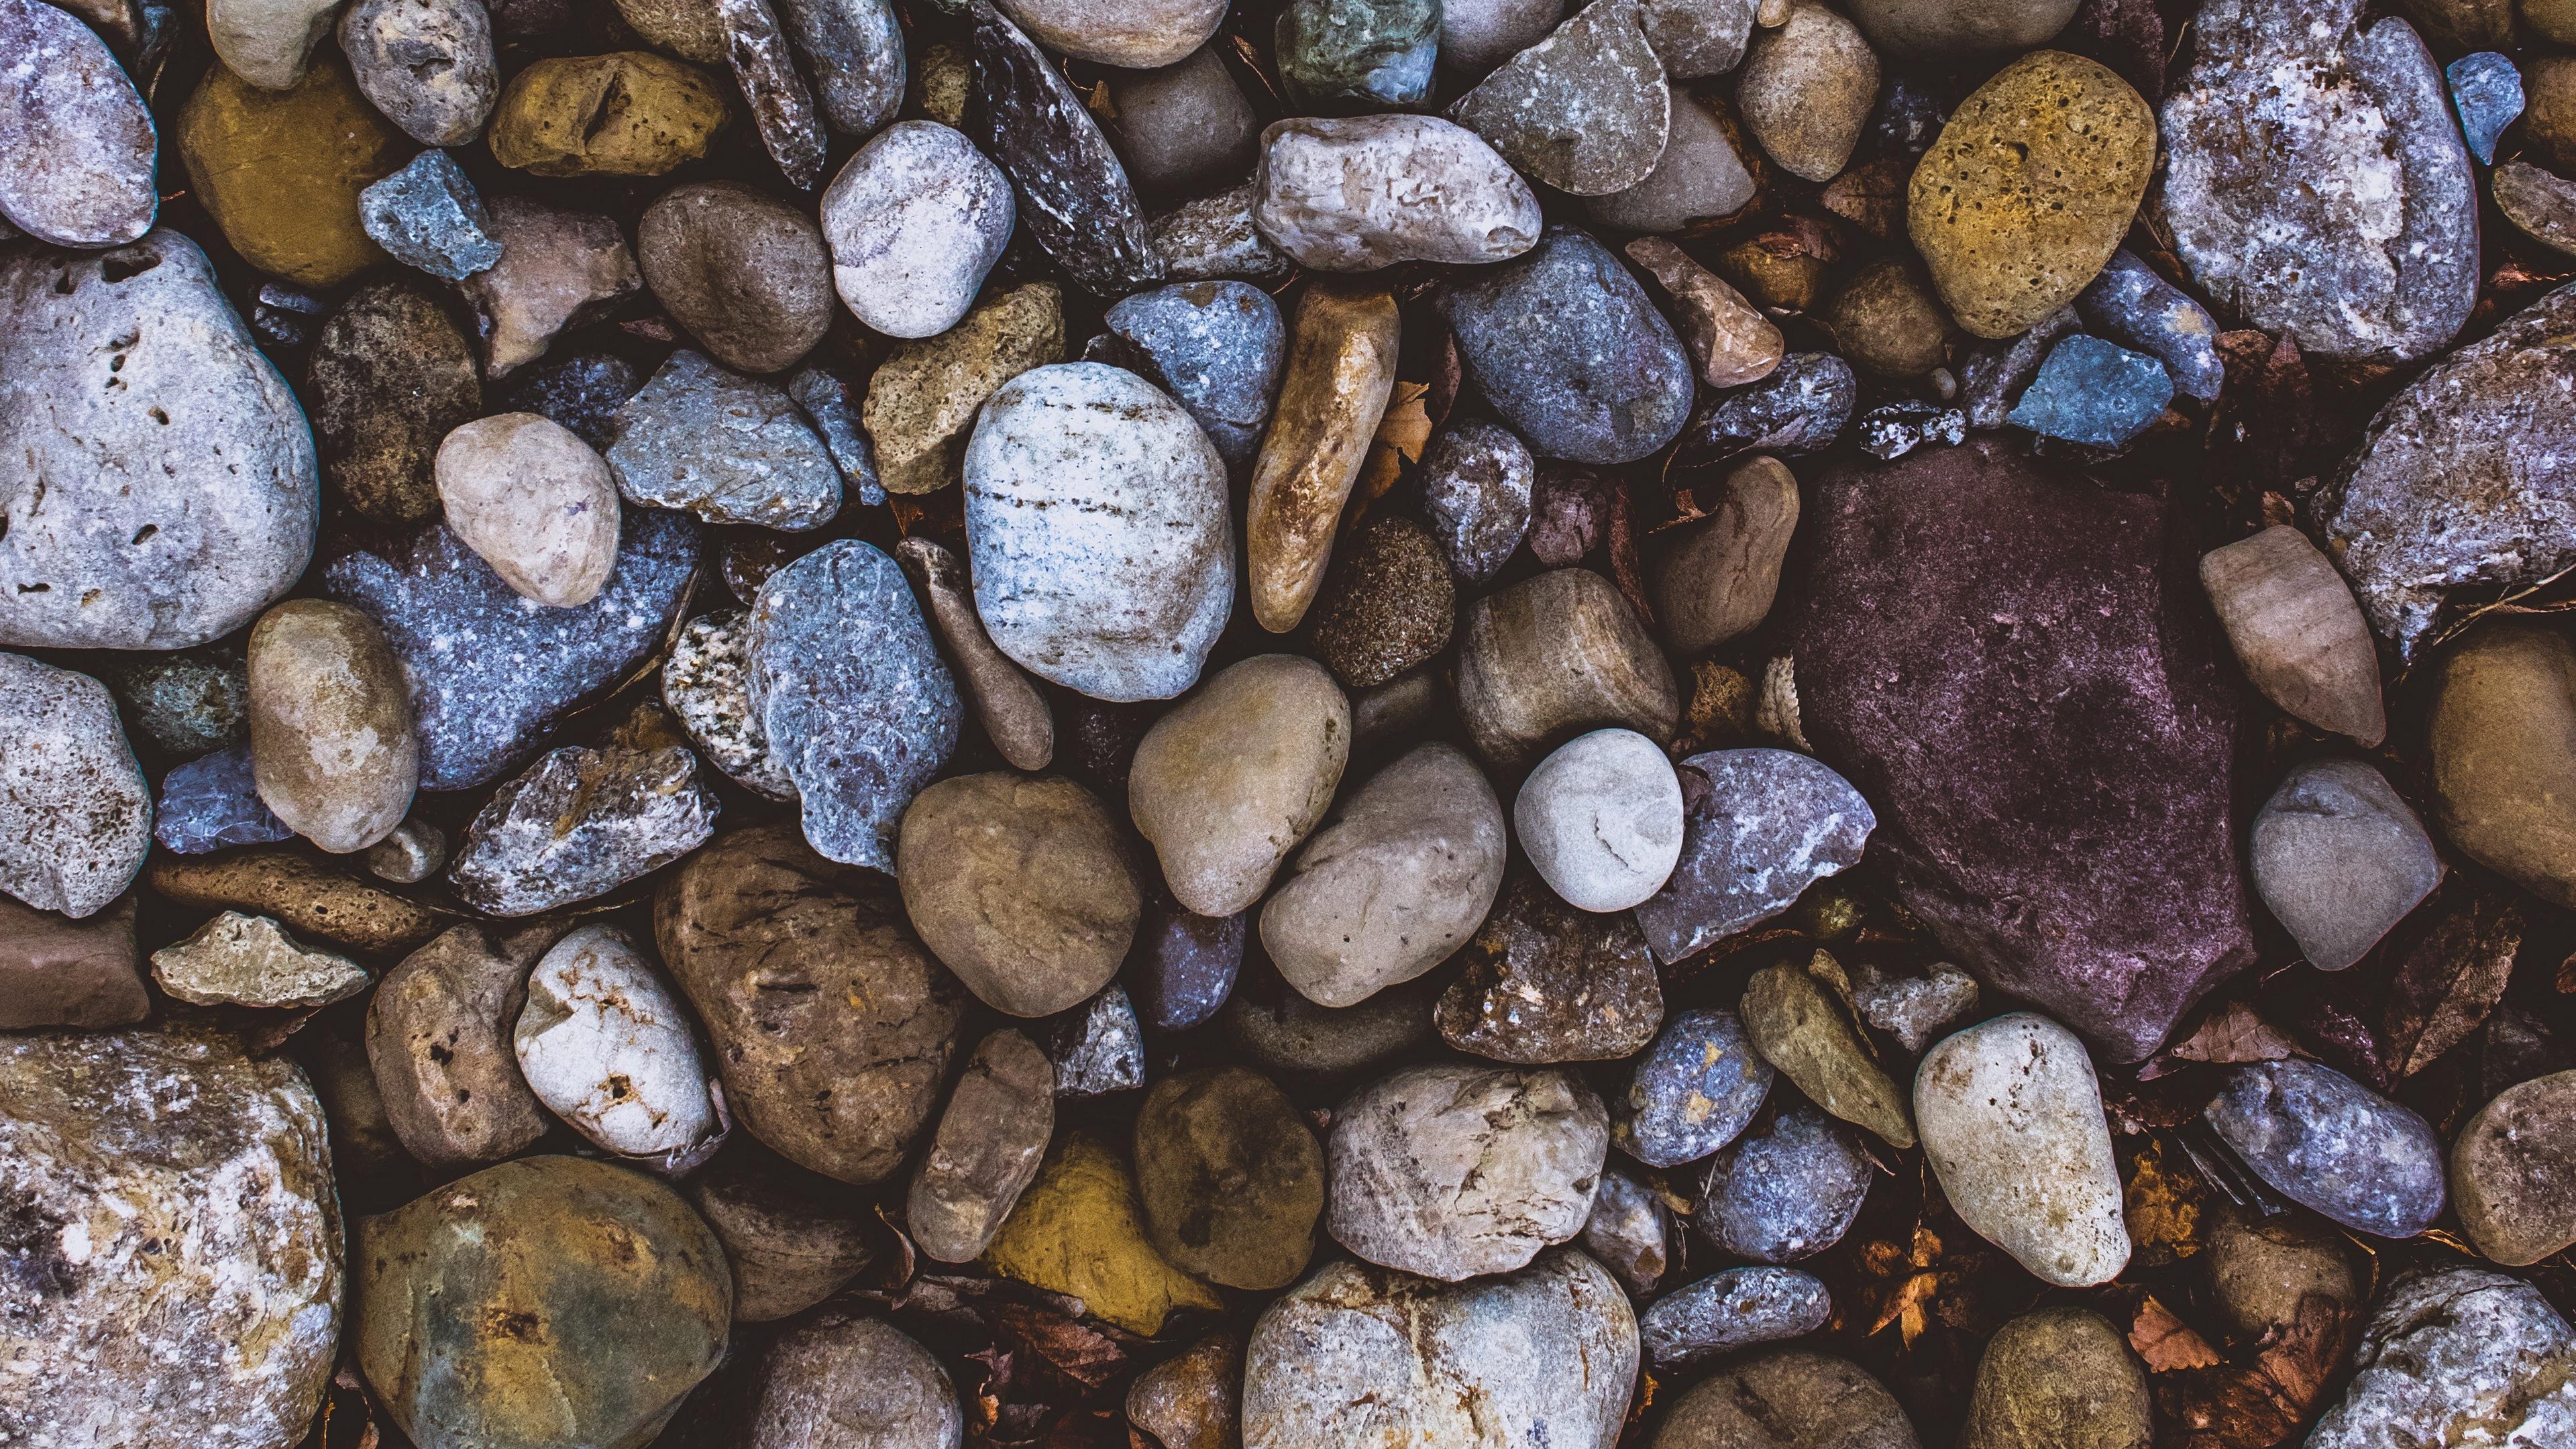 stones sea pebbles forms 4k 1541117840 - stones, sea, pebbles, forms 4k - Stones, Sea, pebbles